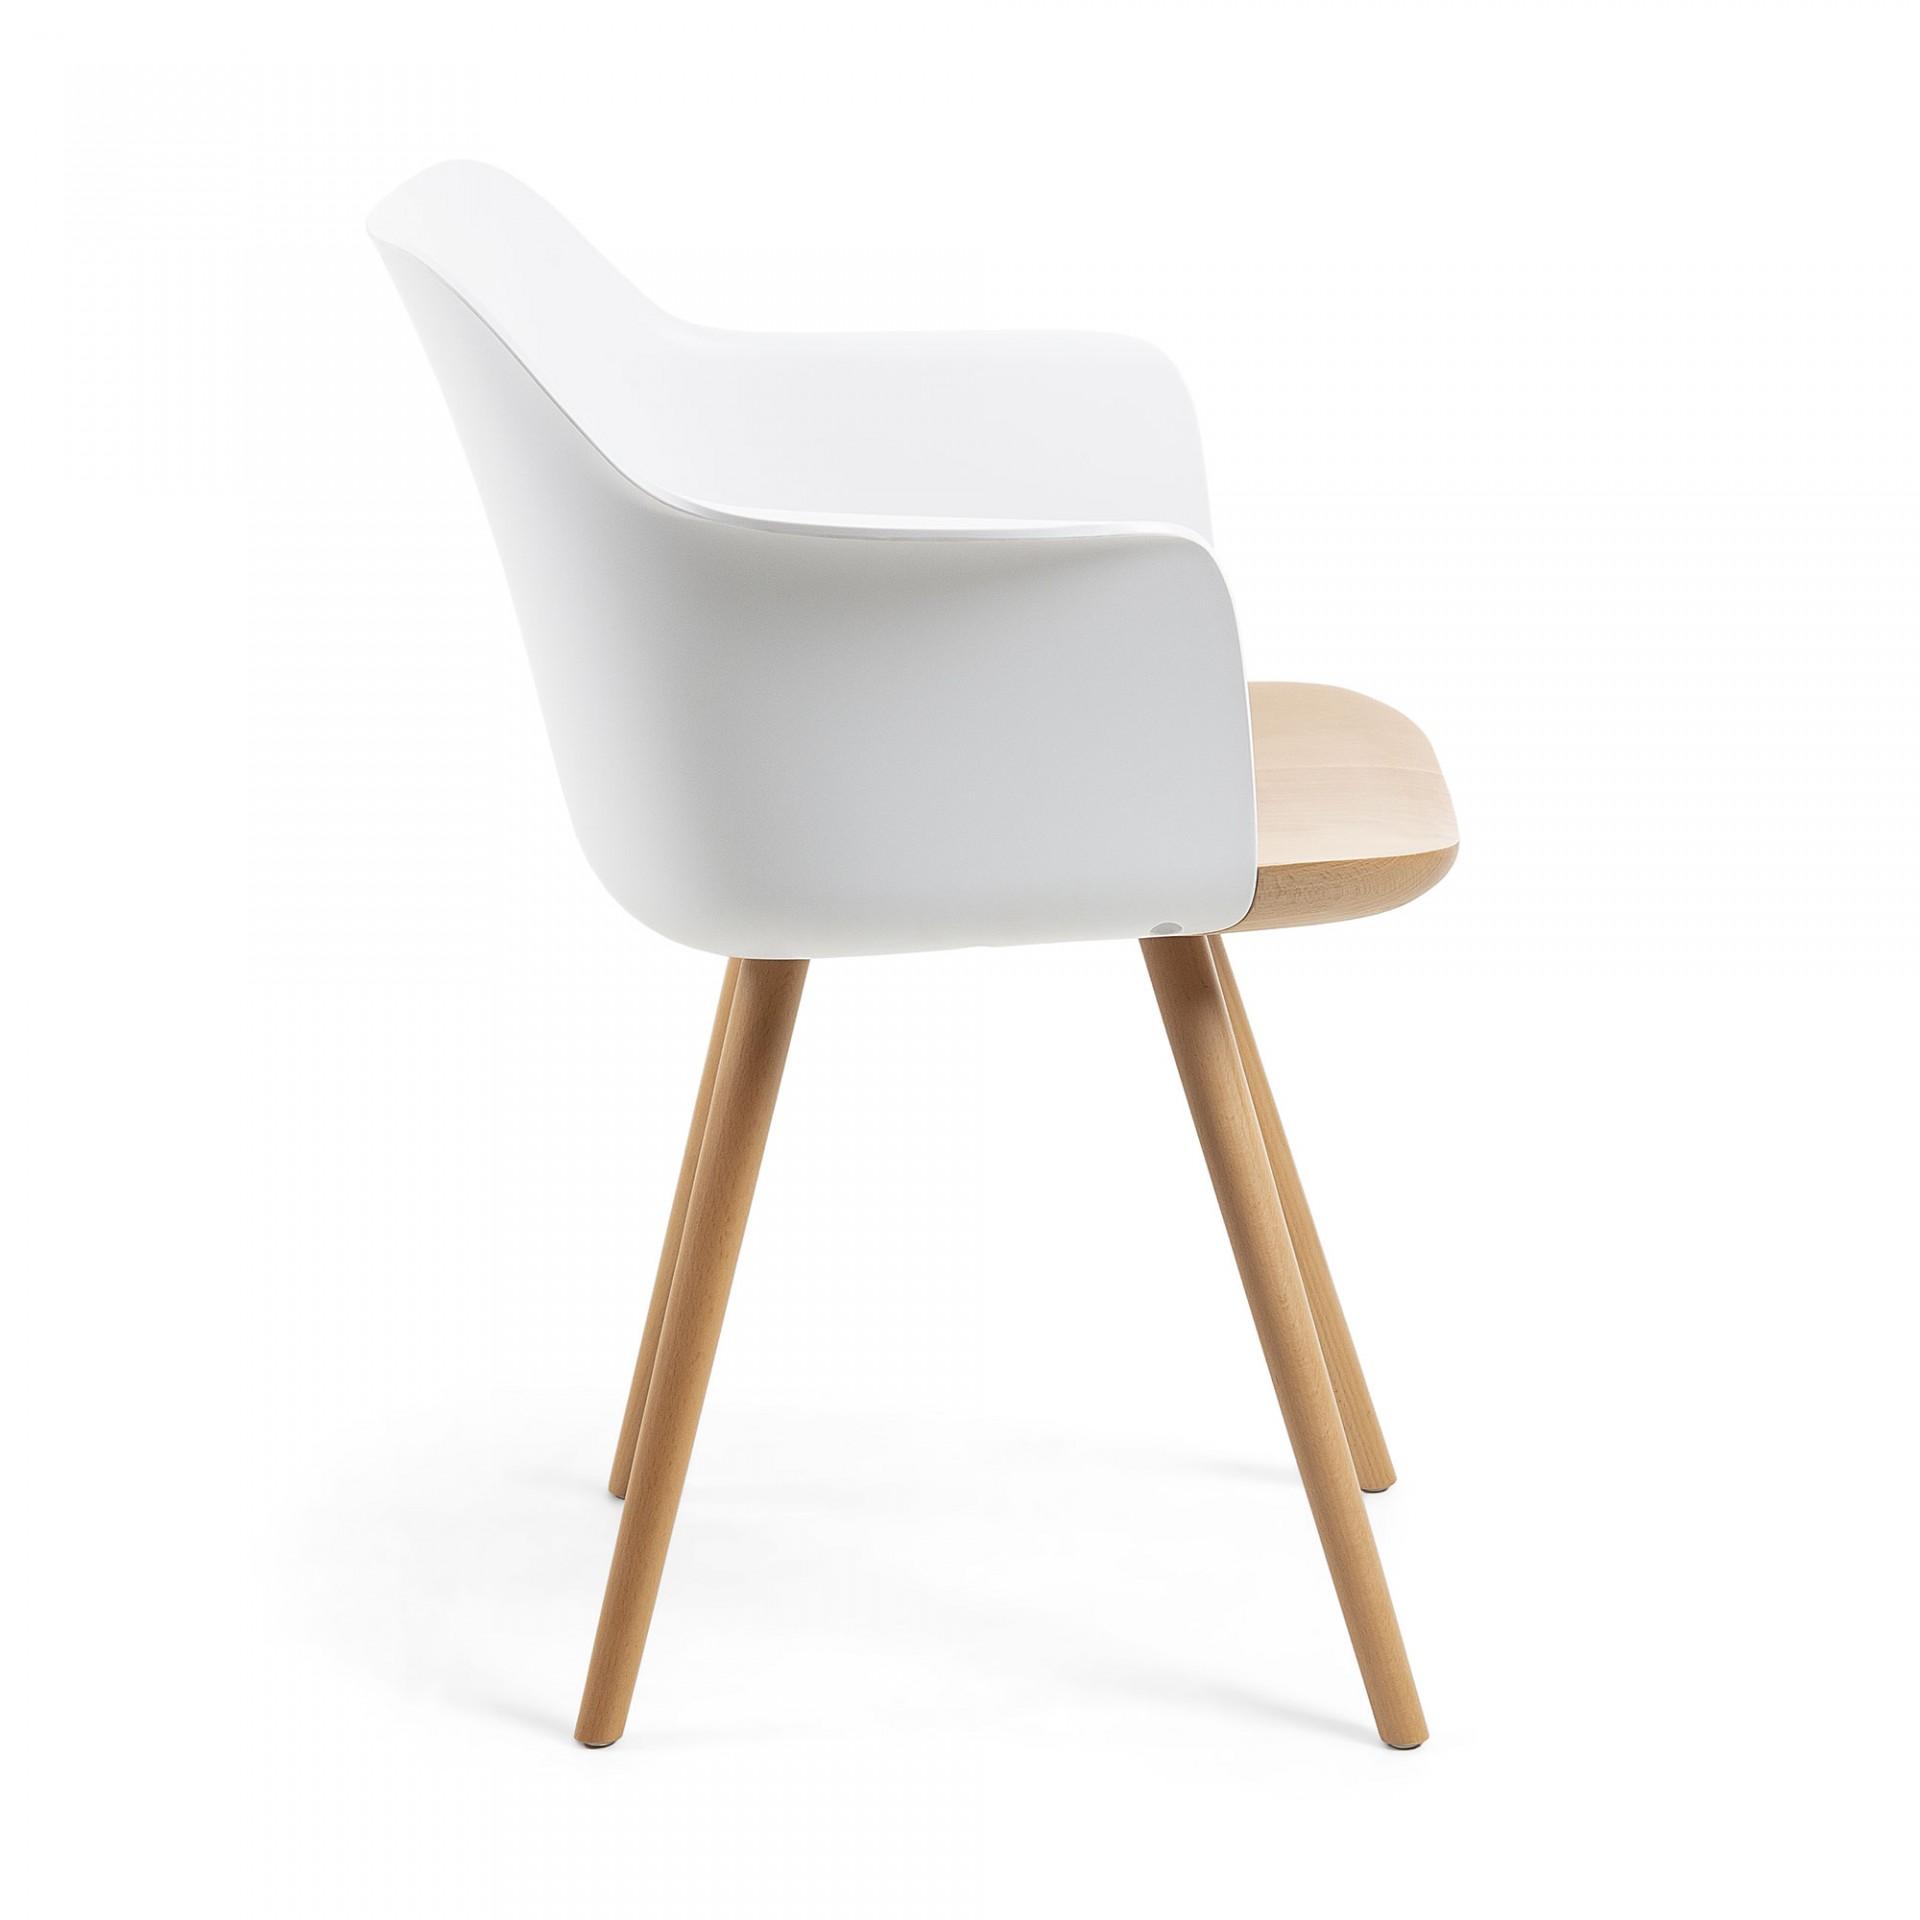 Cadeira Byon, c/braços, madeira faia/polipropileno, 43x43x76